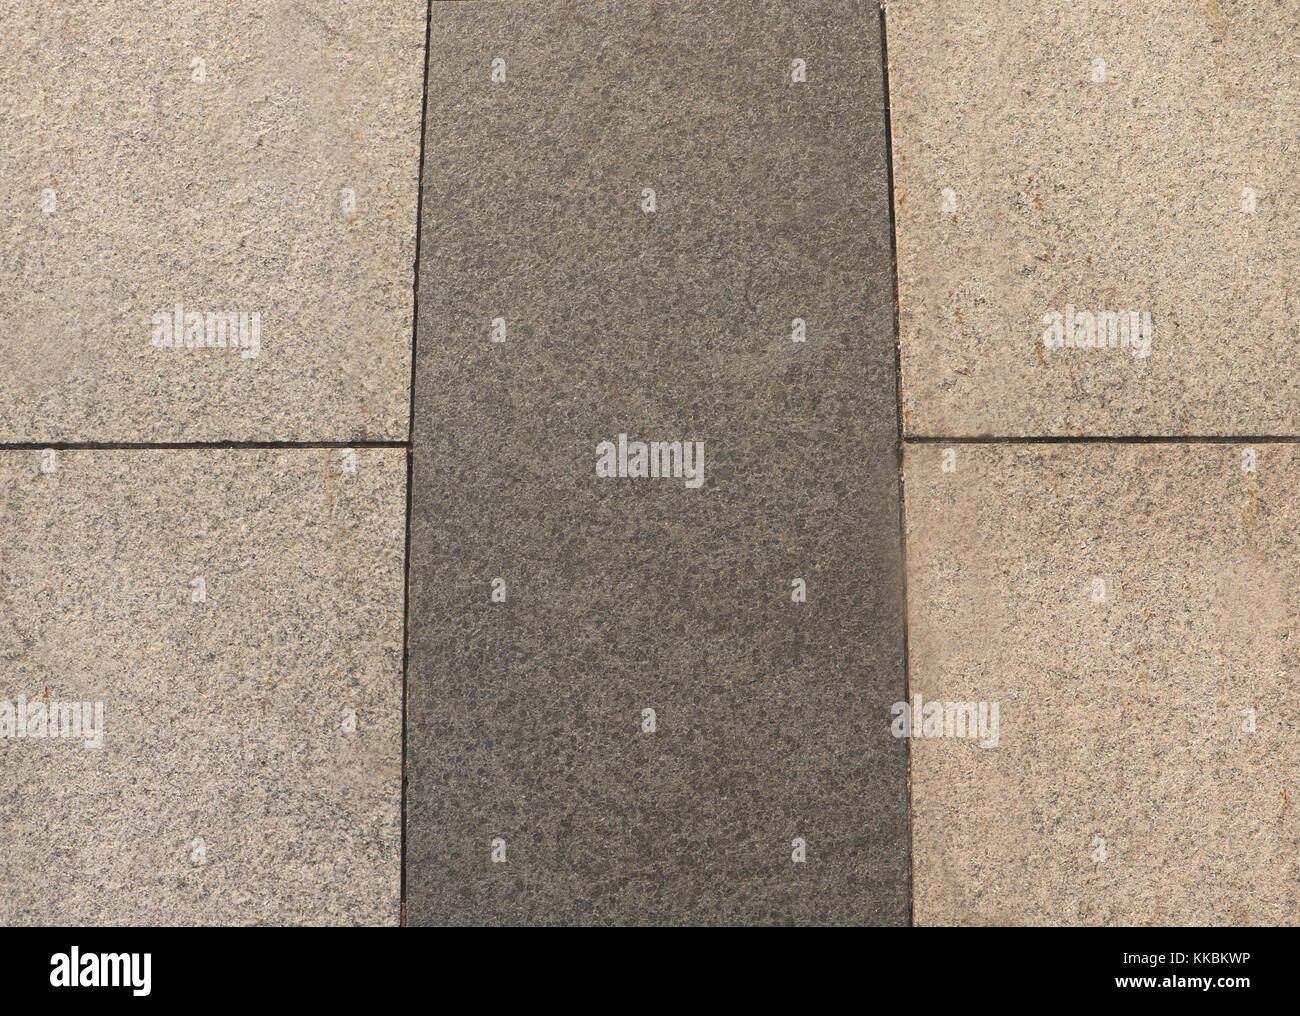 Nahaufnahme Von Grauen Stein Marmor Steine Am Boden Fur Strasse